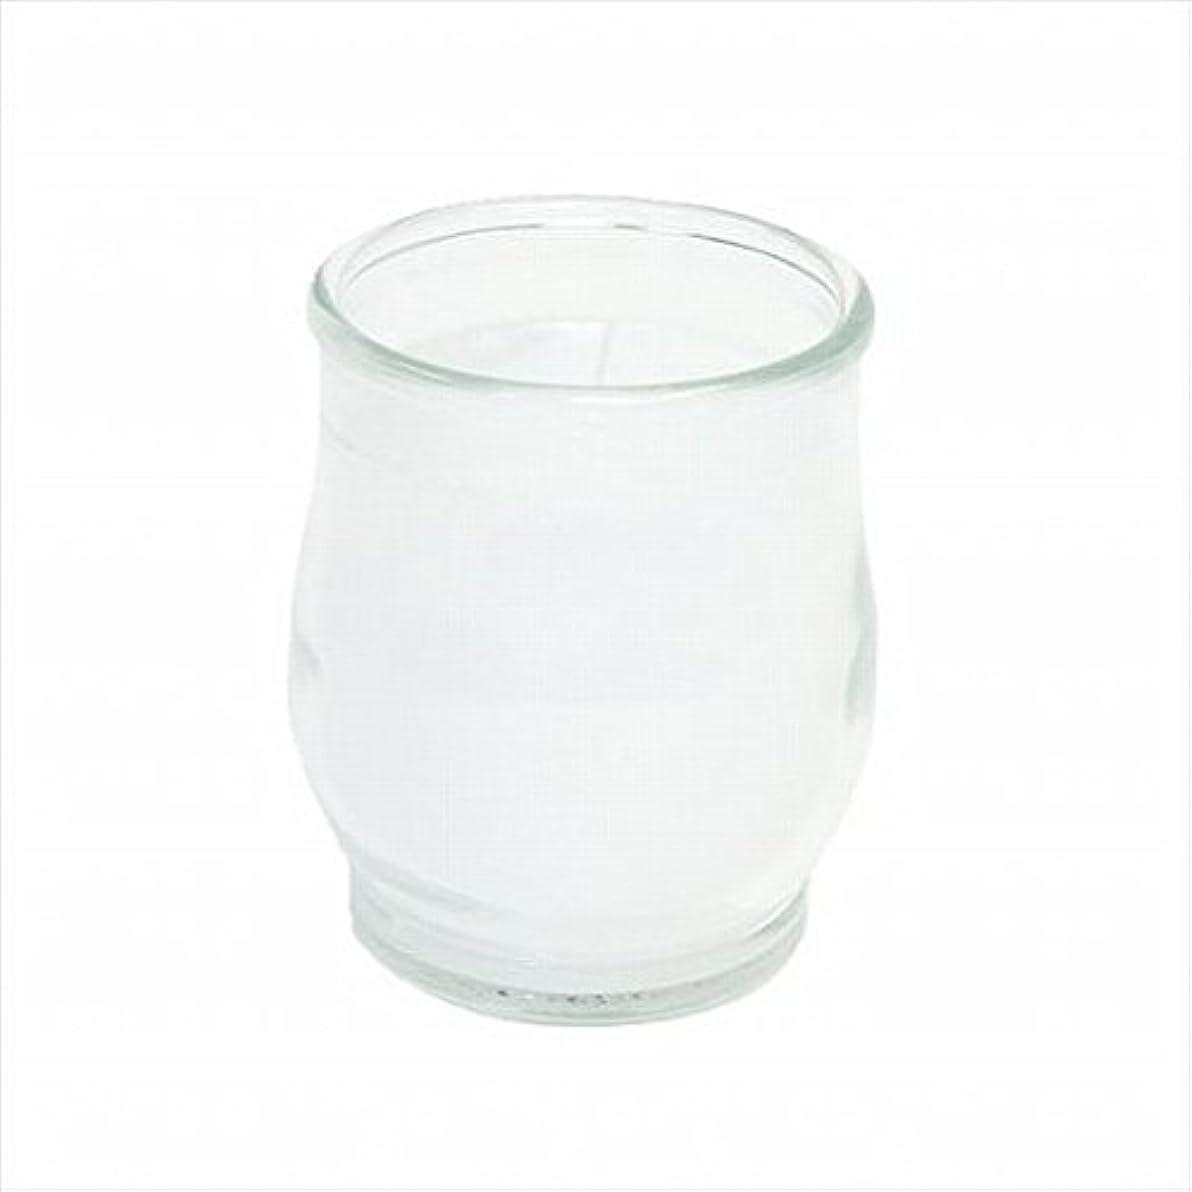 邪悪なアンドリューハリディ検証kameyama candle(カメヤマキャンドル) ポシェ(非常用コップローソク) 「 クリア 」 キャンドル 68x68x80mm (73020000C)